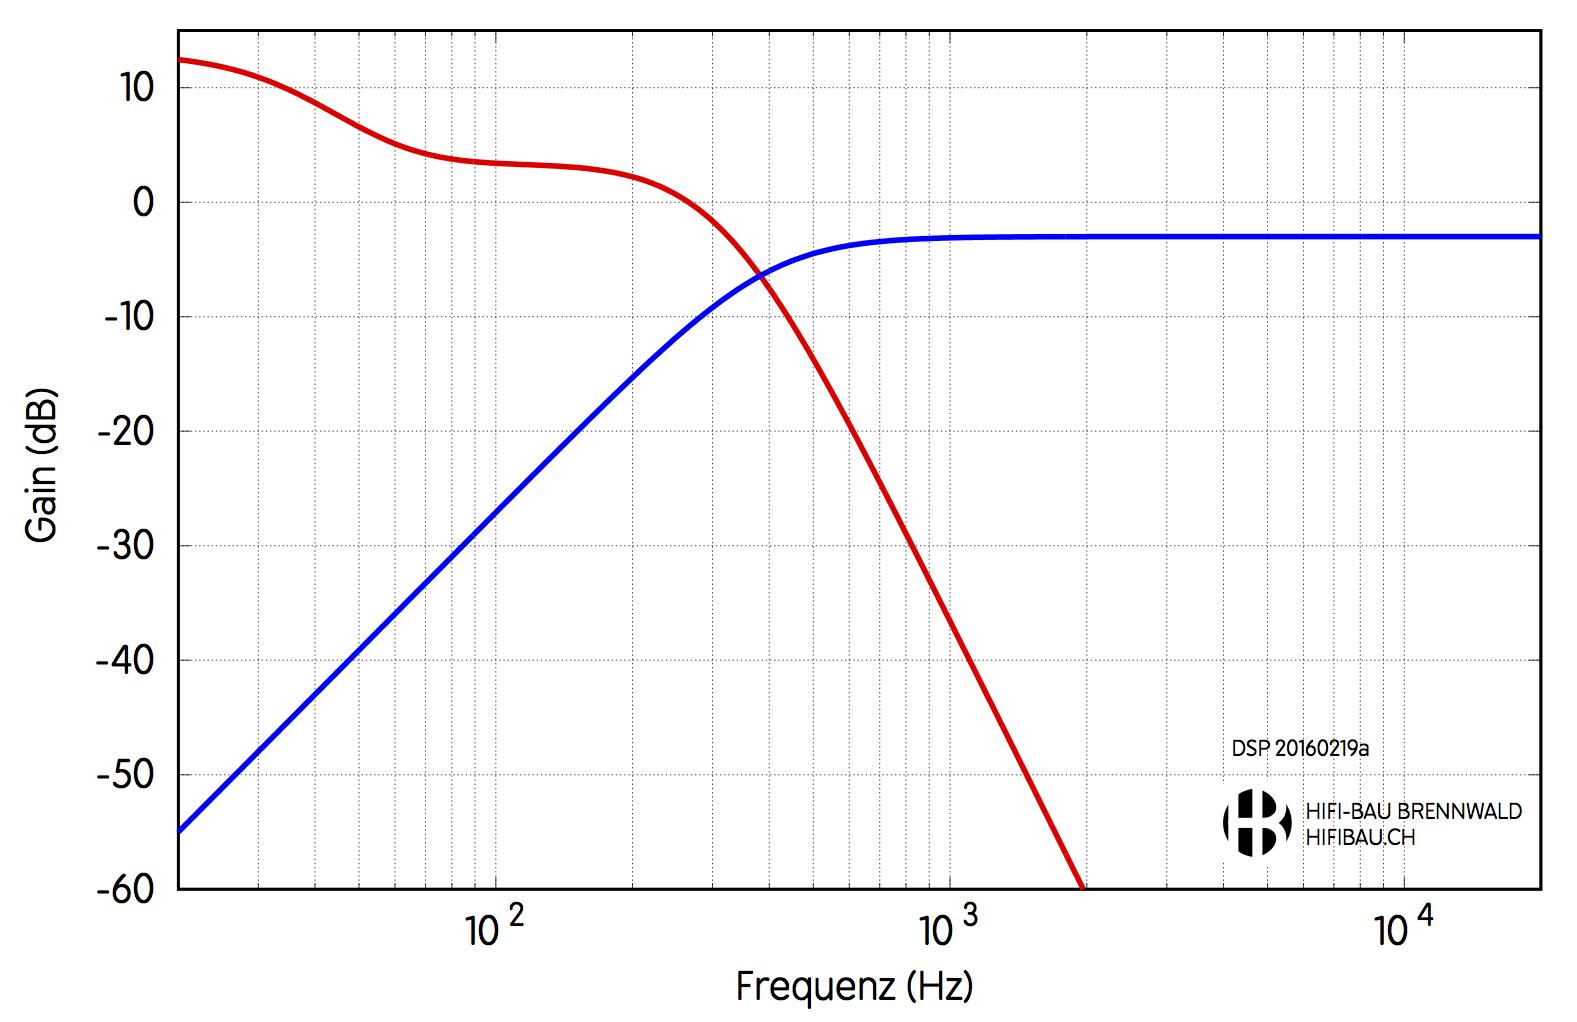 Filterfunktionien der DSP Filter für die Aurichal